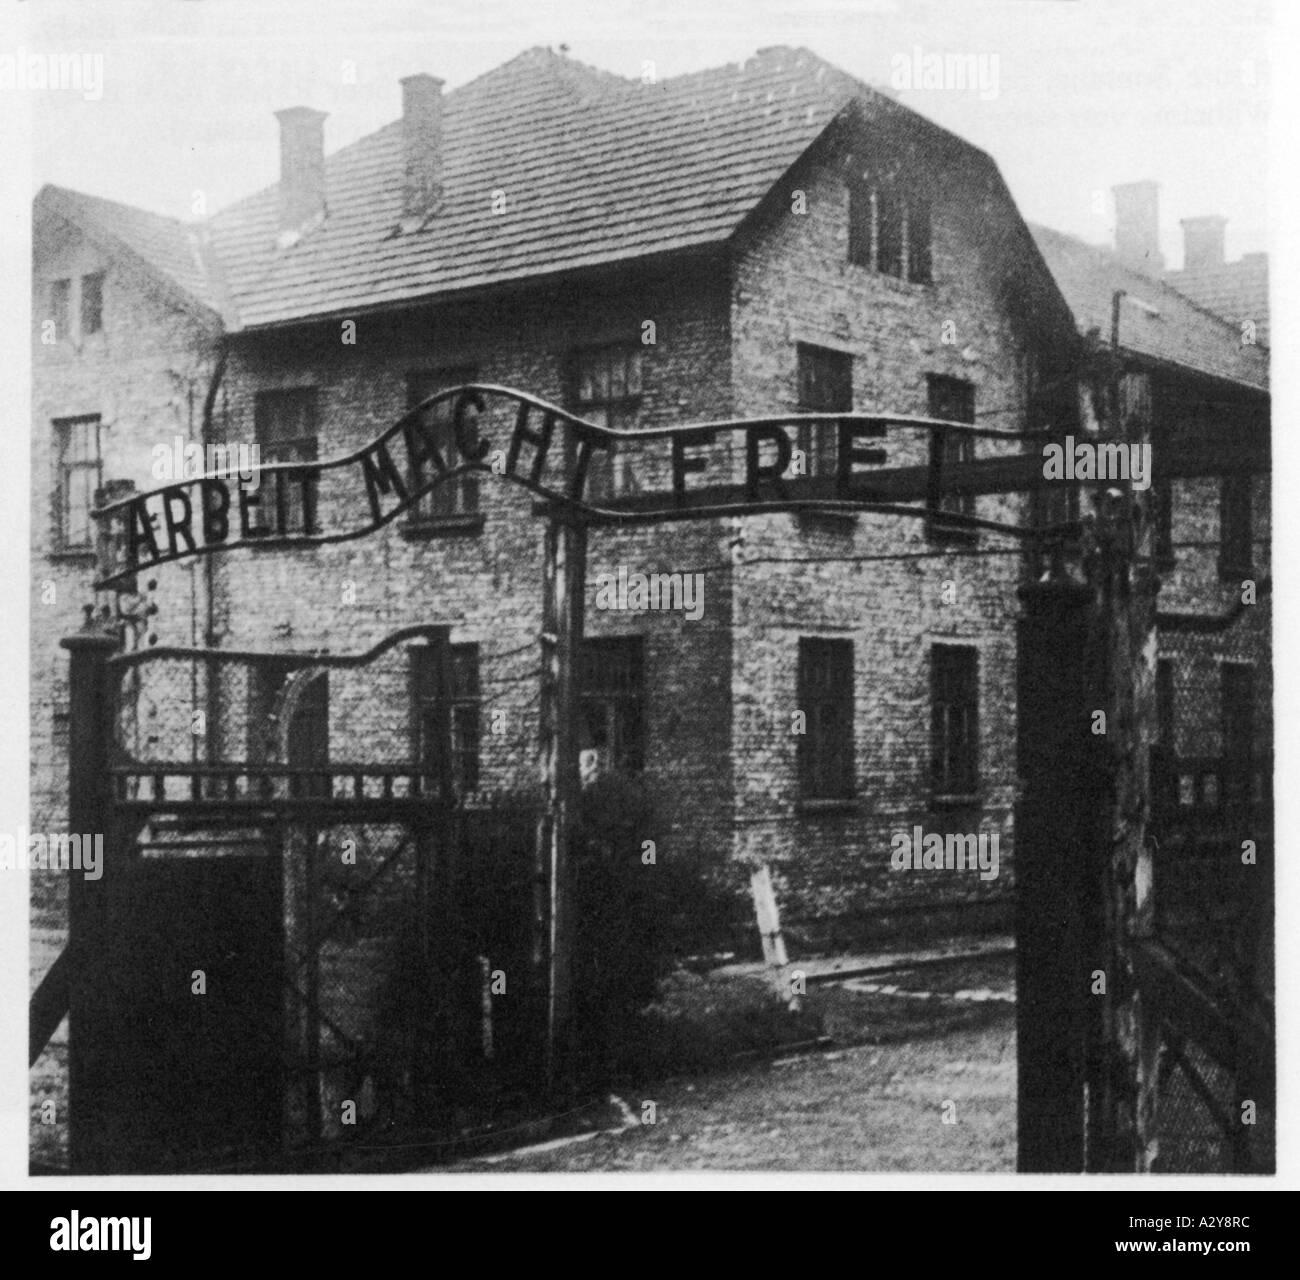 Gates Of Auschwitz - Stock Image